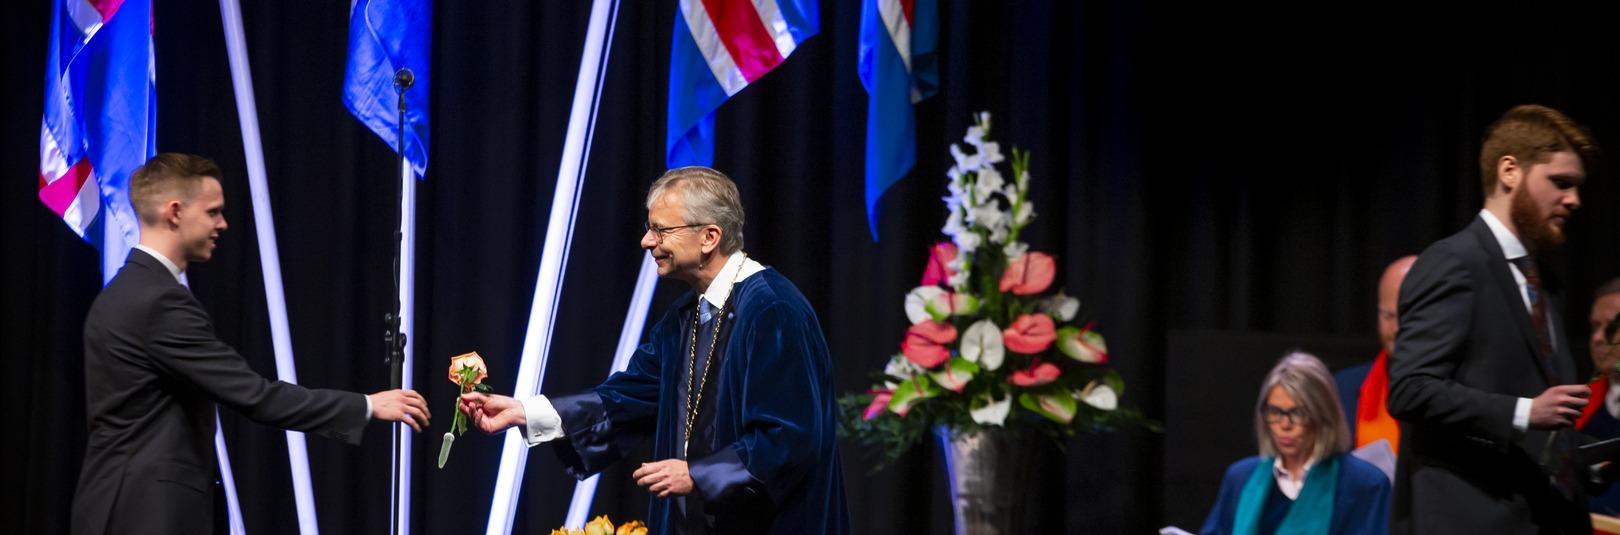 Brautskráning Háskóla Íslands - á vefsíðu Háskóla Íslands